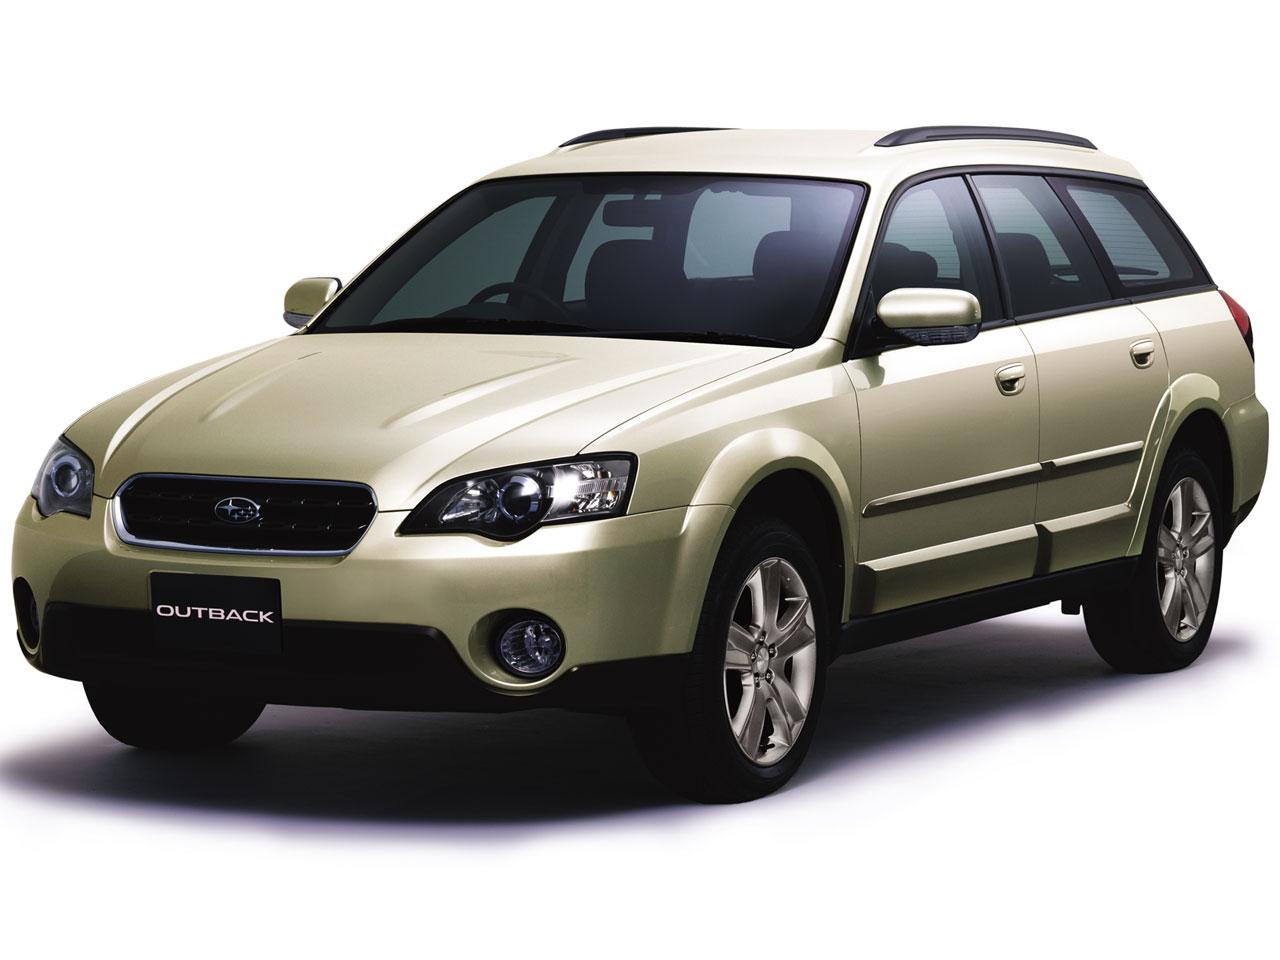 スバル レガシィ アウトバック 2003年モデル 新車画像